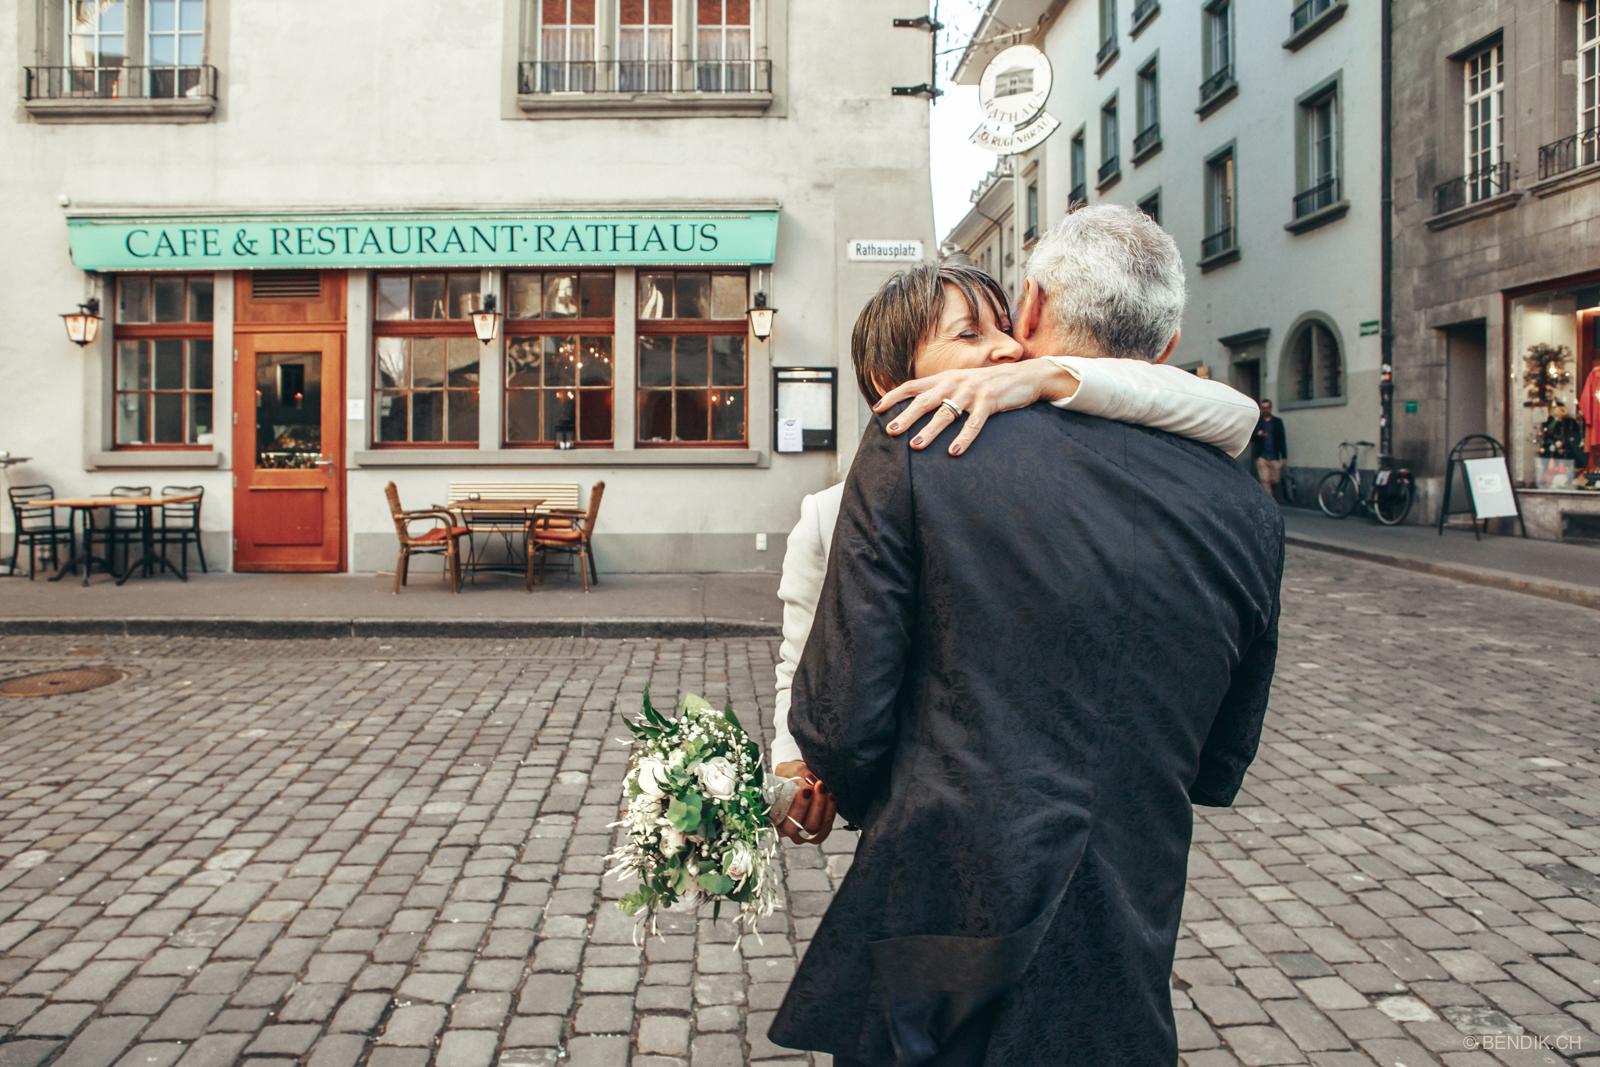 Brautpaar umarmt sich mit kleinem Kaffeehaus im Hintergrund